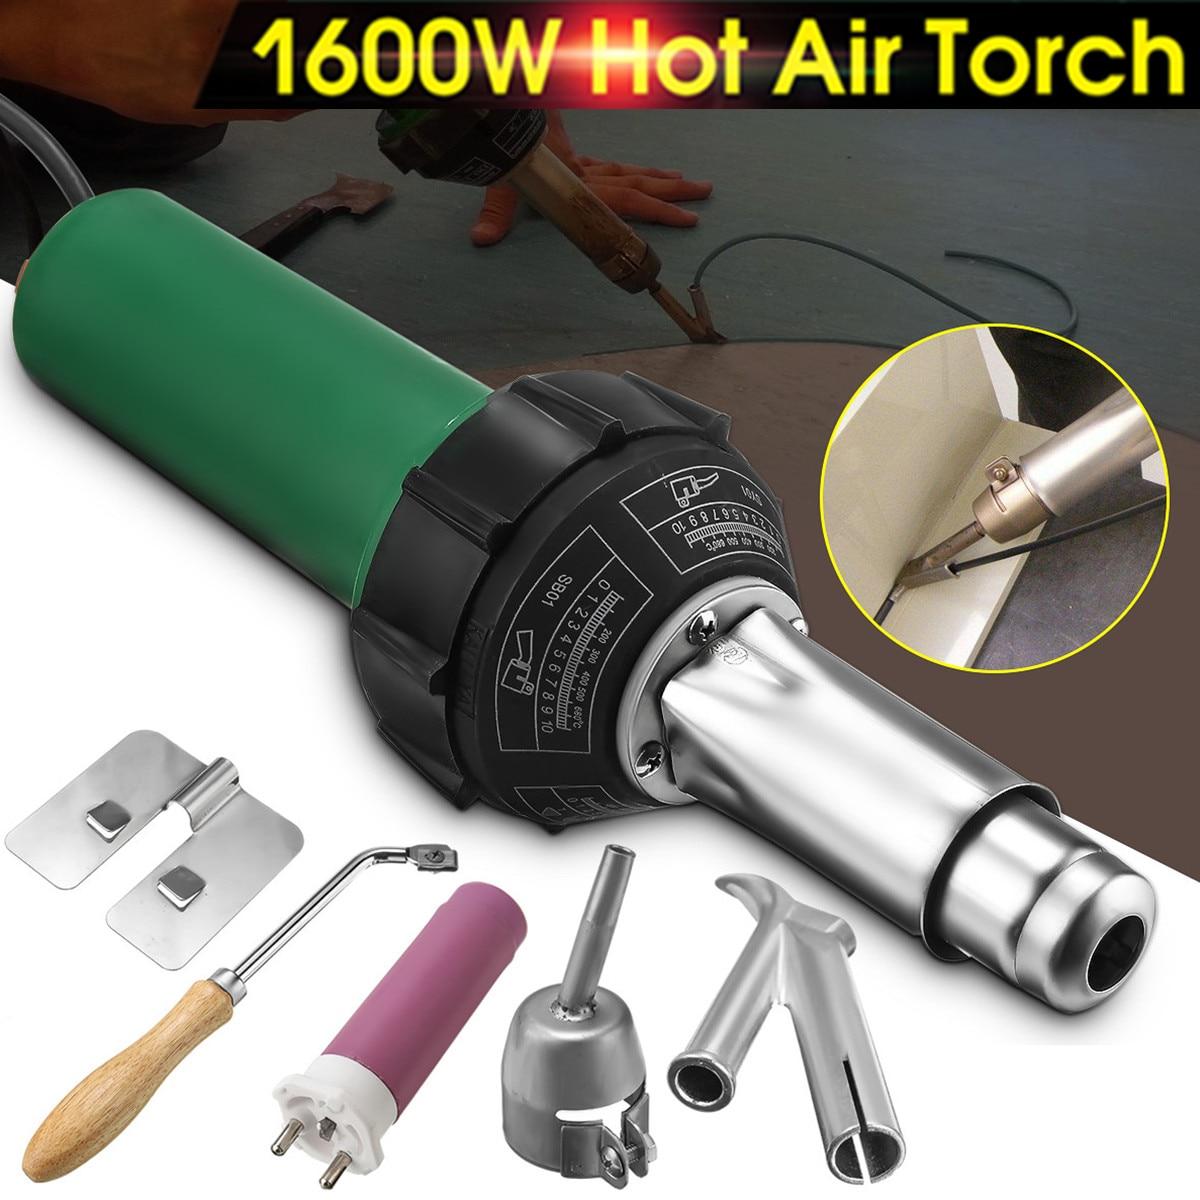 1600 W 50/60 HZ 220 V Eletrônico Armas de Tocha De Soldagem De Plástico de Ar Quente com Bico de Aquecimento Núcleo Chapéu boca Kit para Máquina De Solda